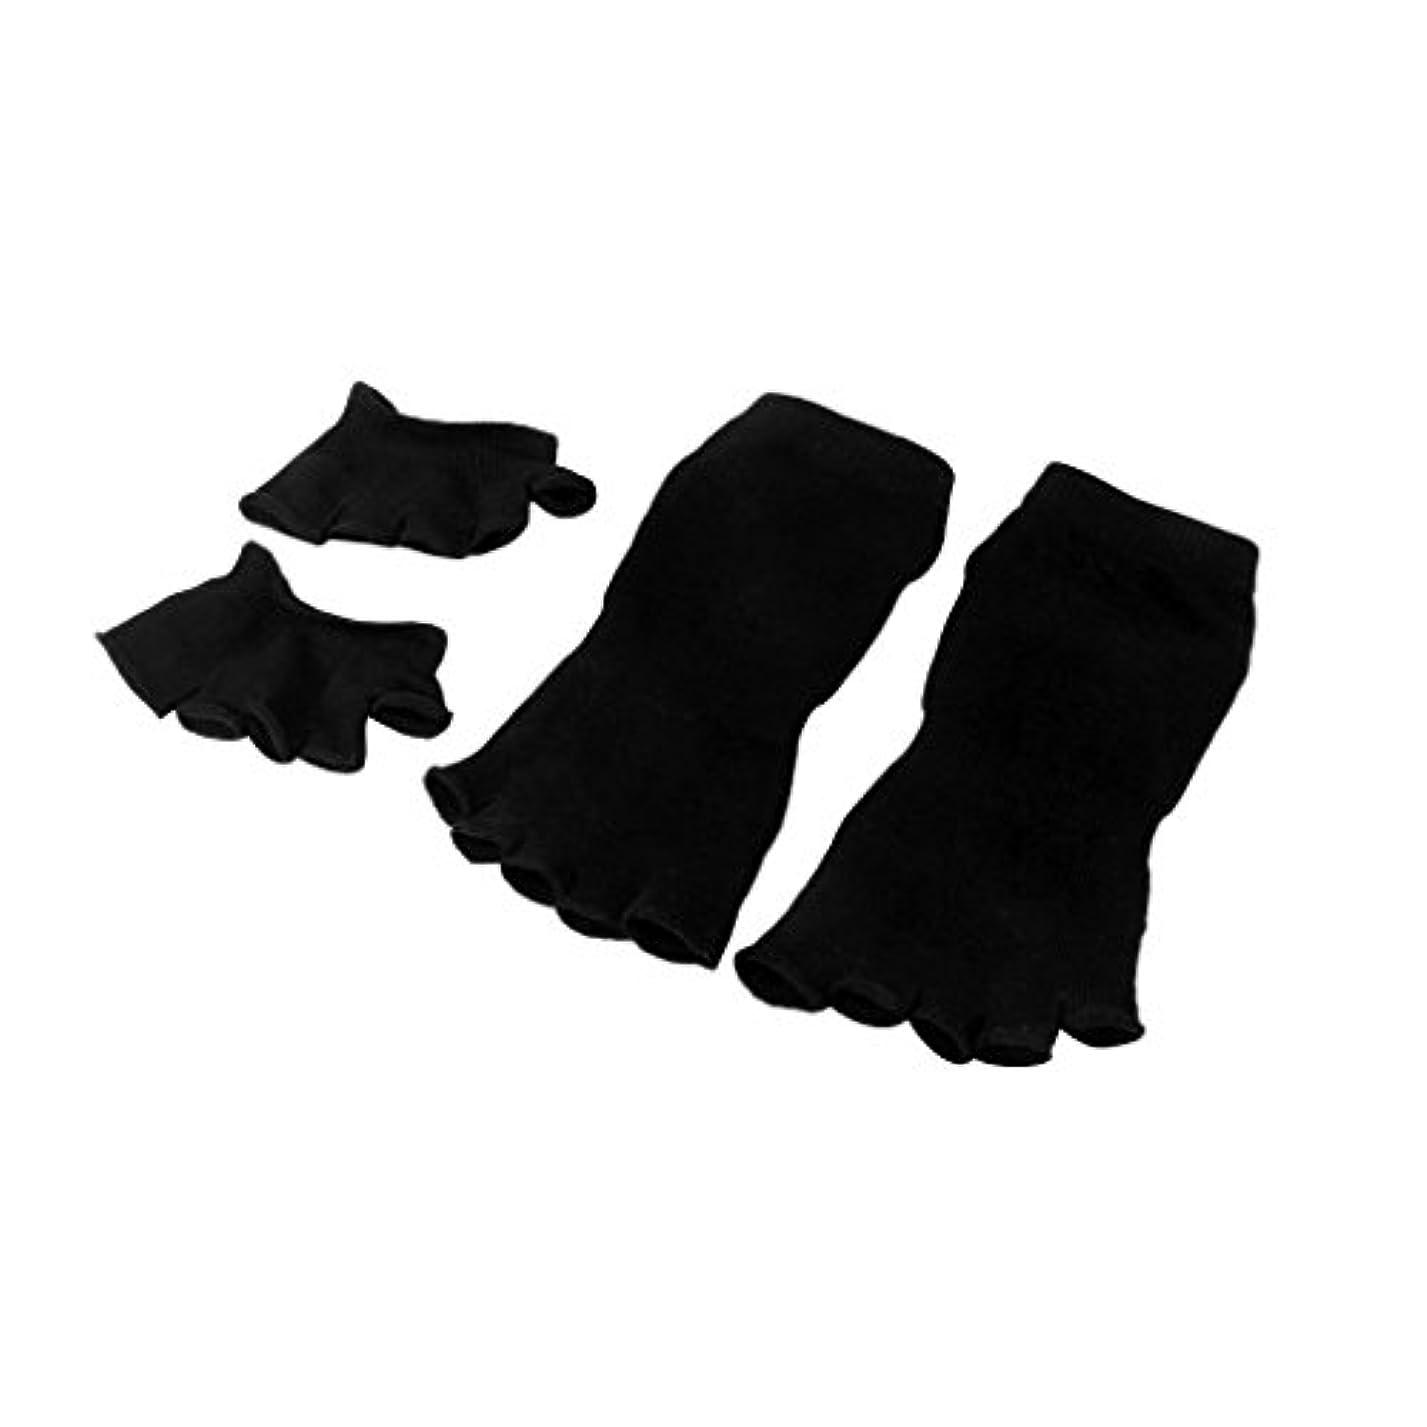 助手子供時代あまりにも【Footful】ソックス 靴下 5本指つま先ソックス+爽快指の間カバー 4枚組 黒